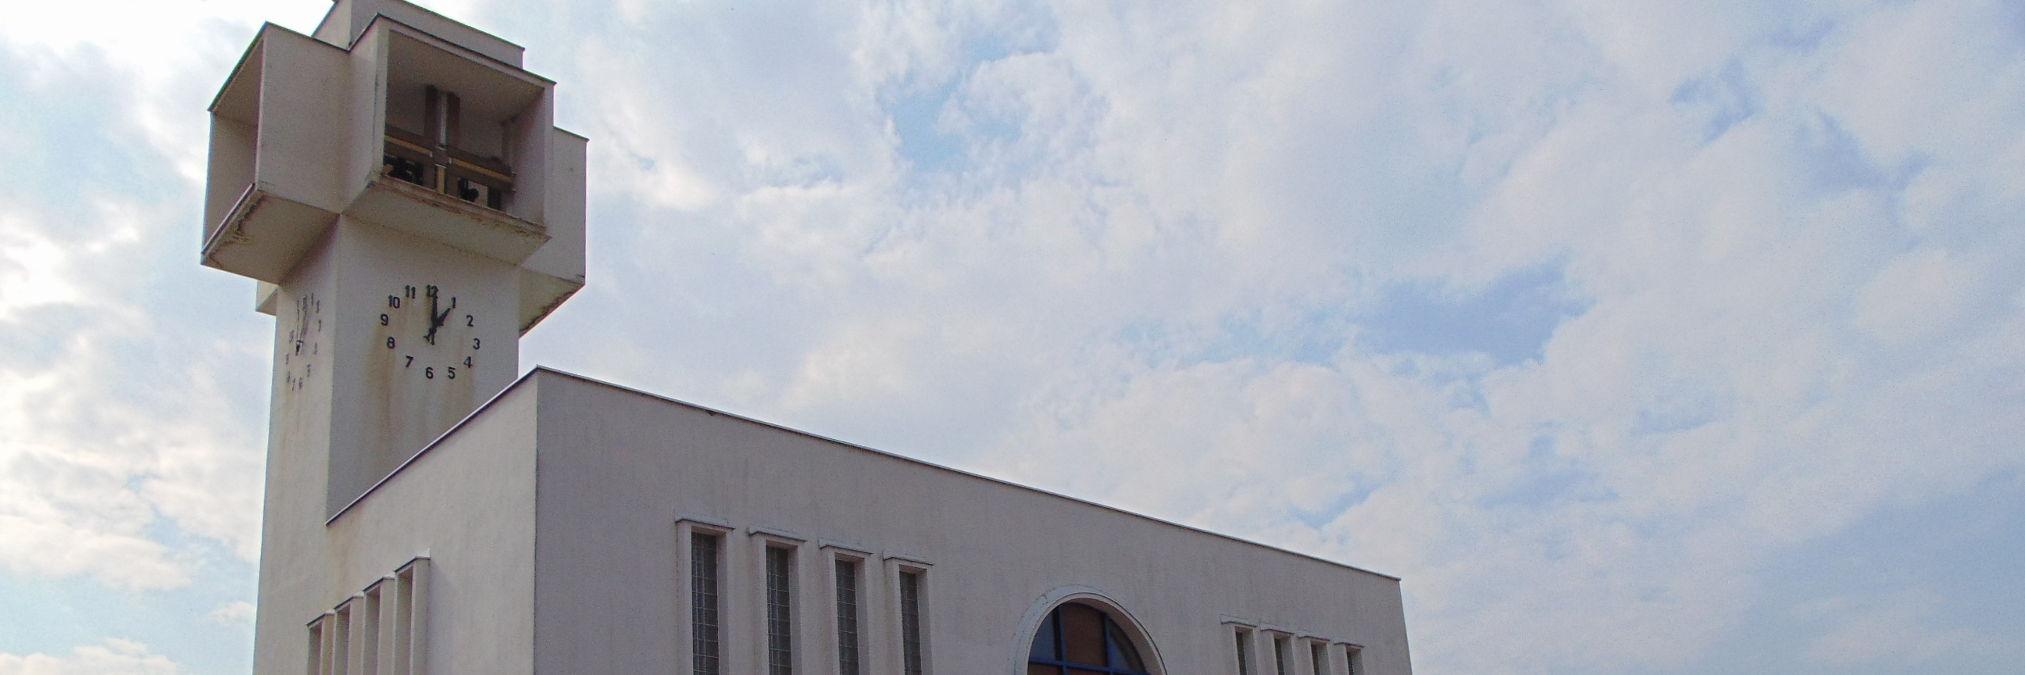 Церковь св. Леопольда Мандича